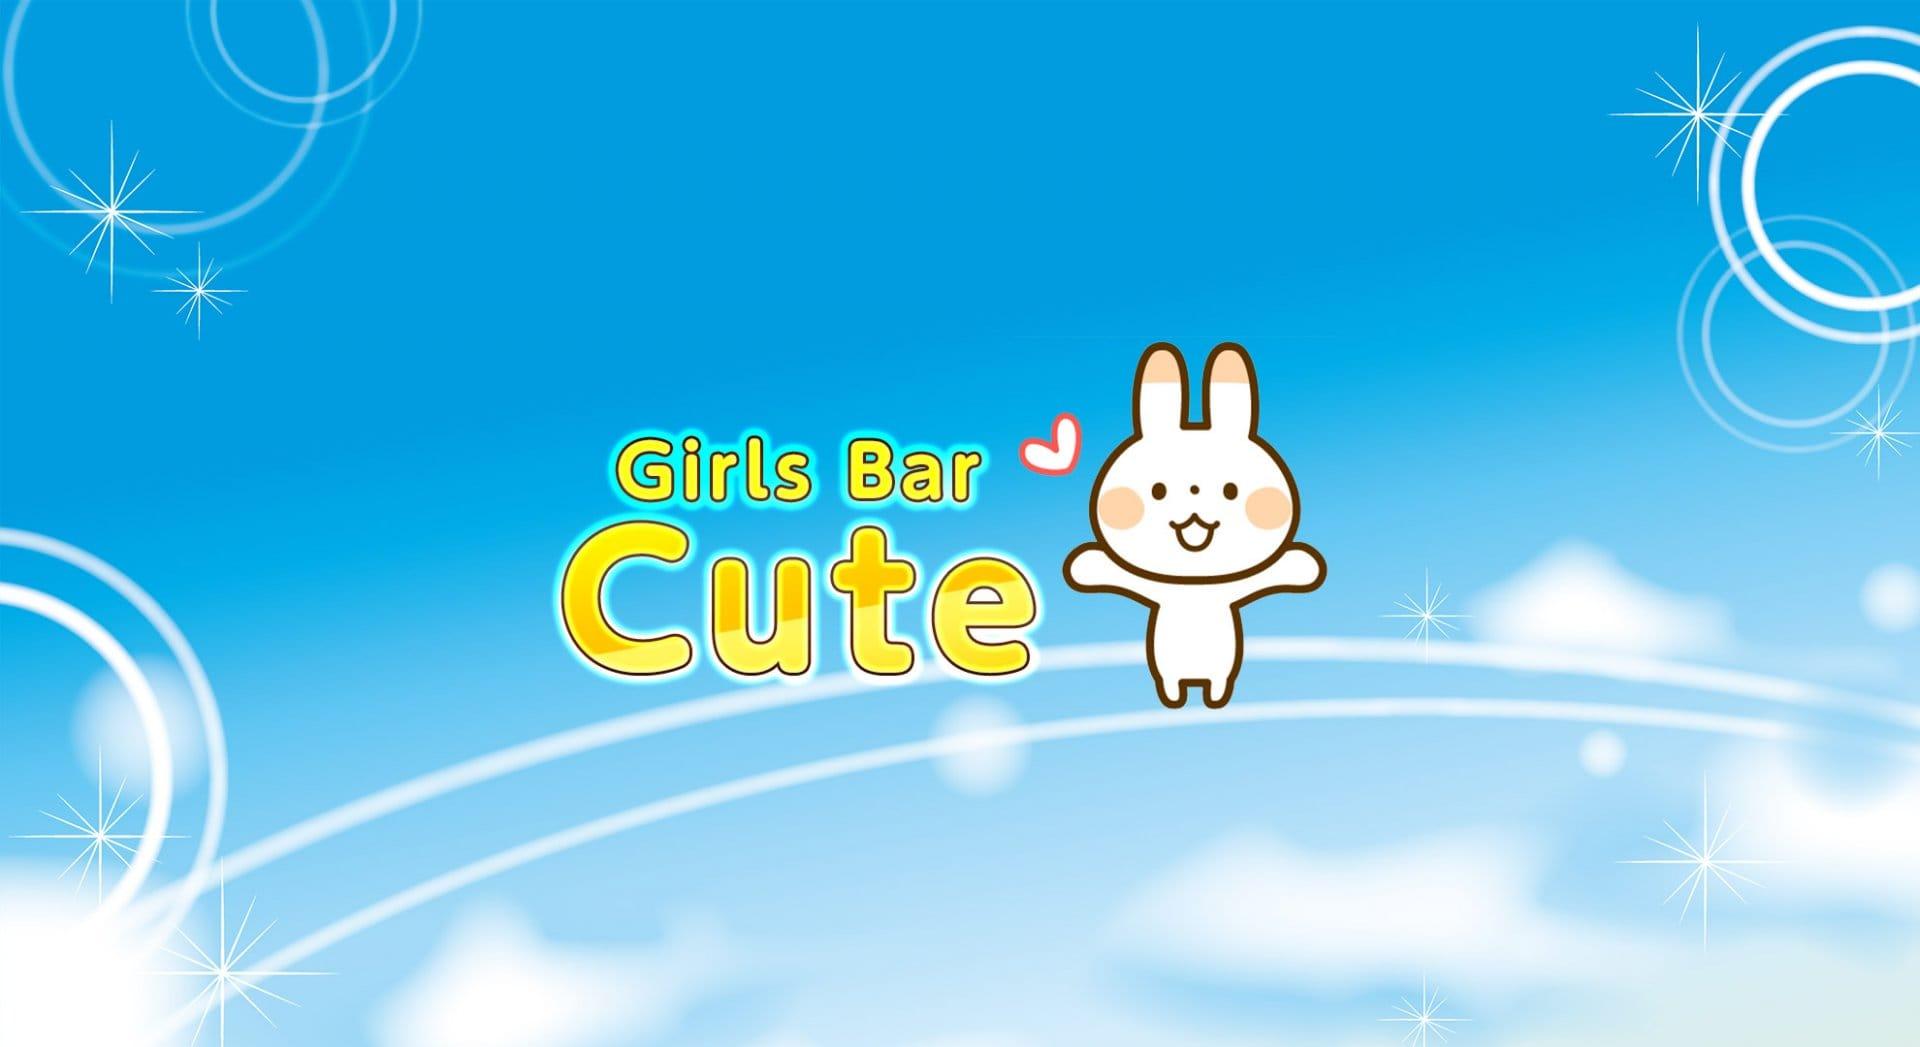 【関内】Girls Bar Cute<キュート> 関内 ガールズバー TOP画像